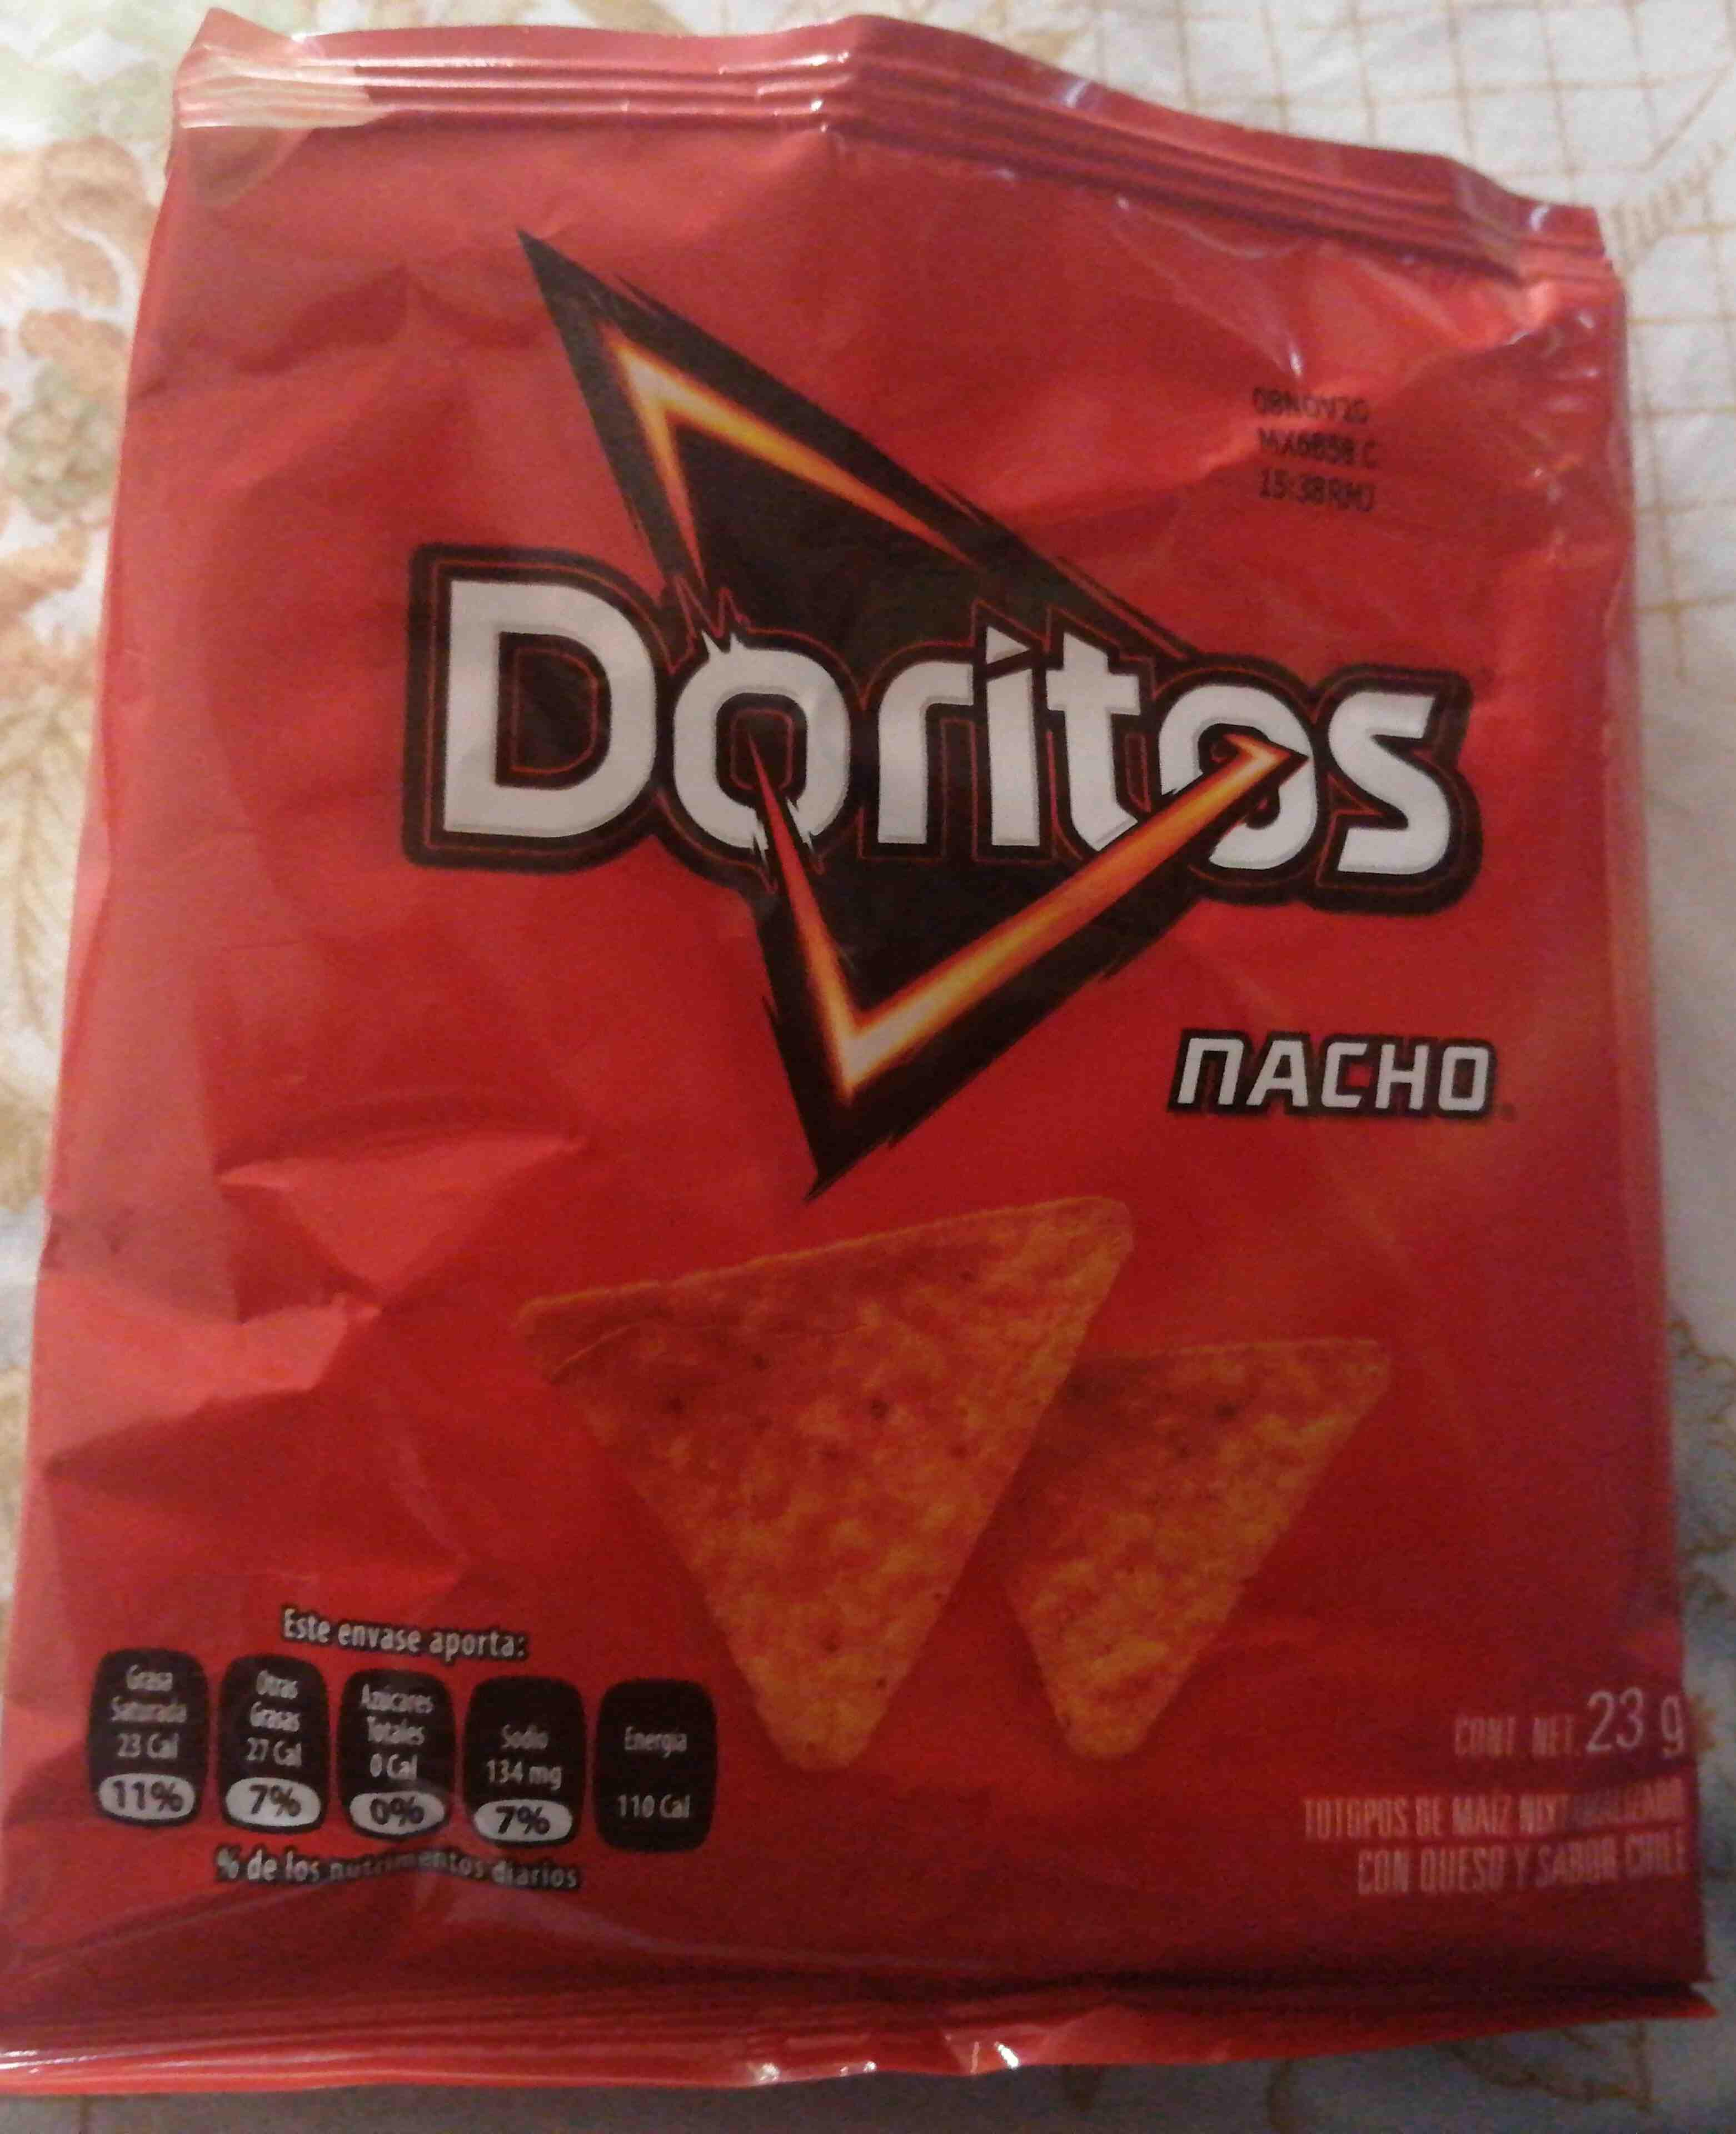 Doritos nacho 23g - Producto - en